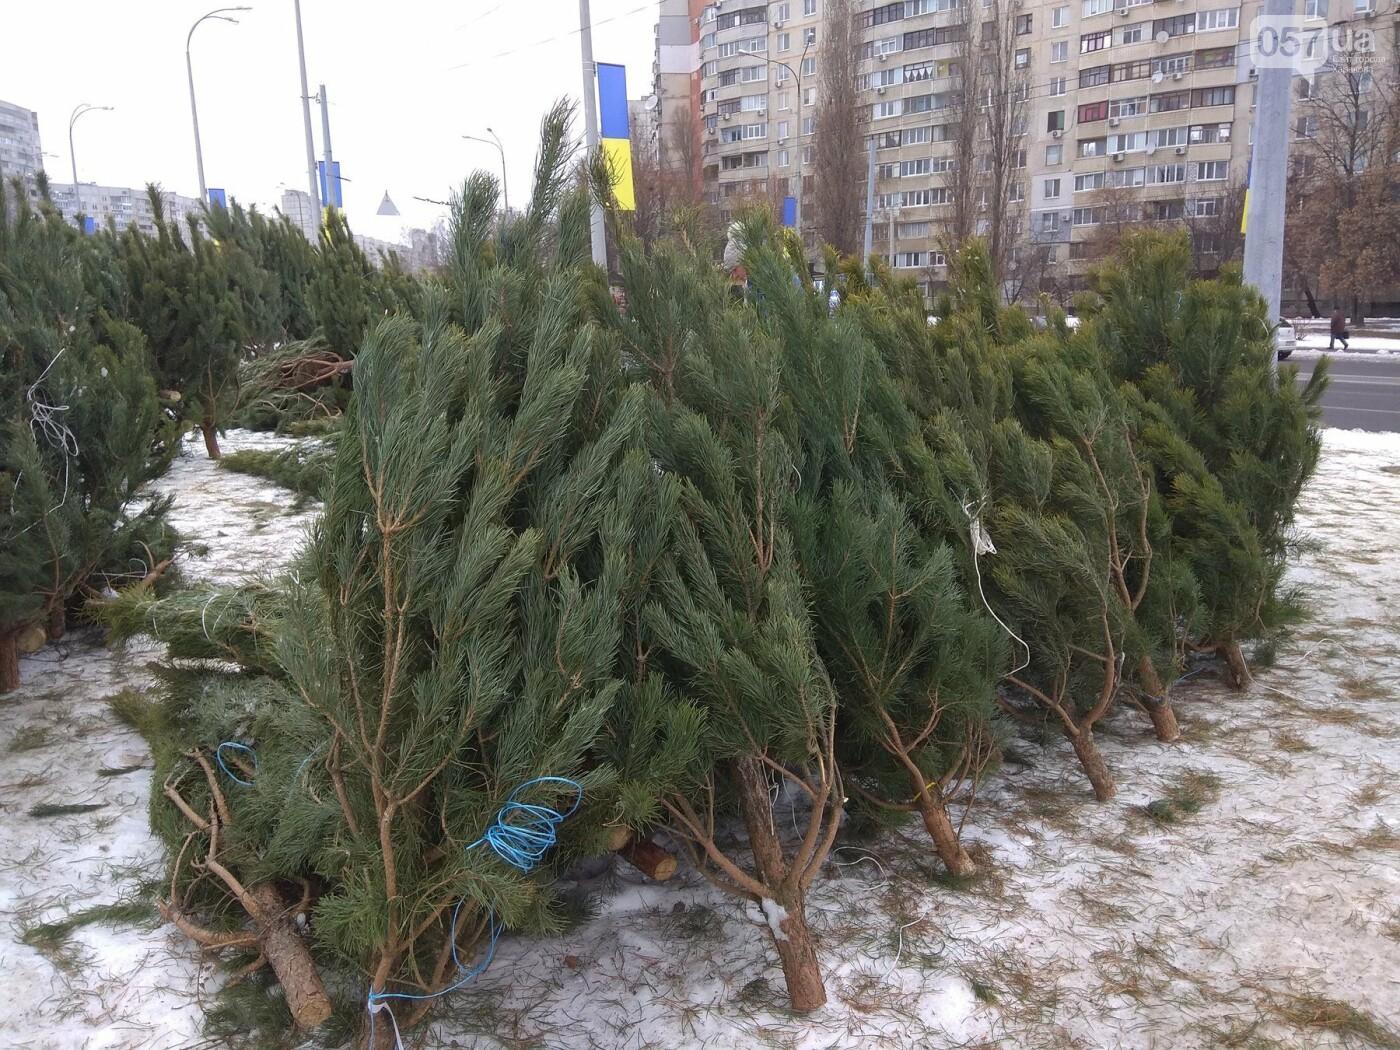 Новогодние елки в Харькове. Где и за сколько можно купить, - ФОТО, фото-22